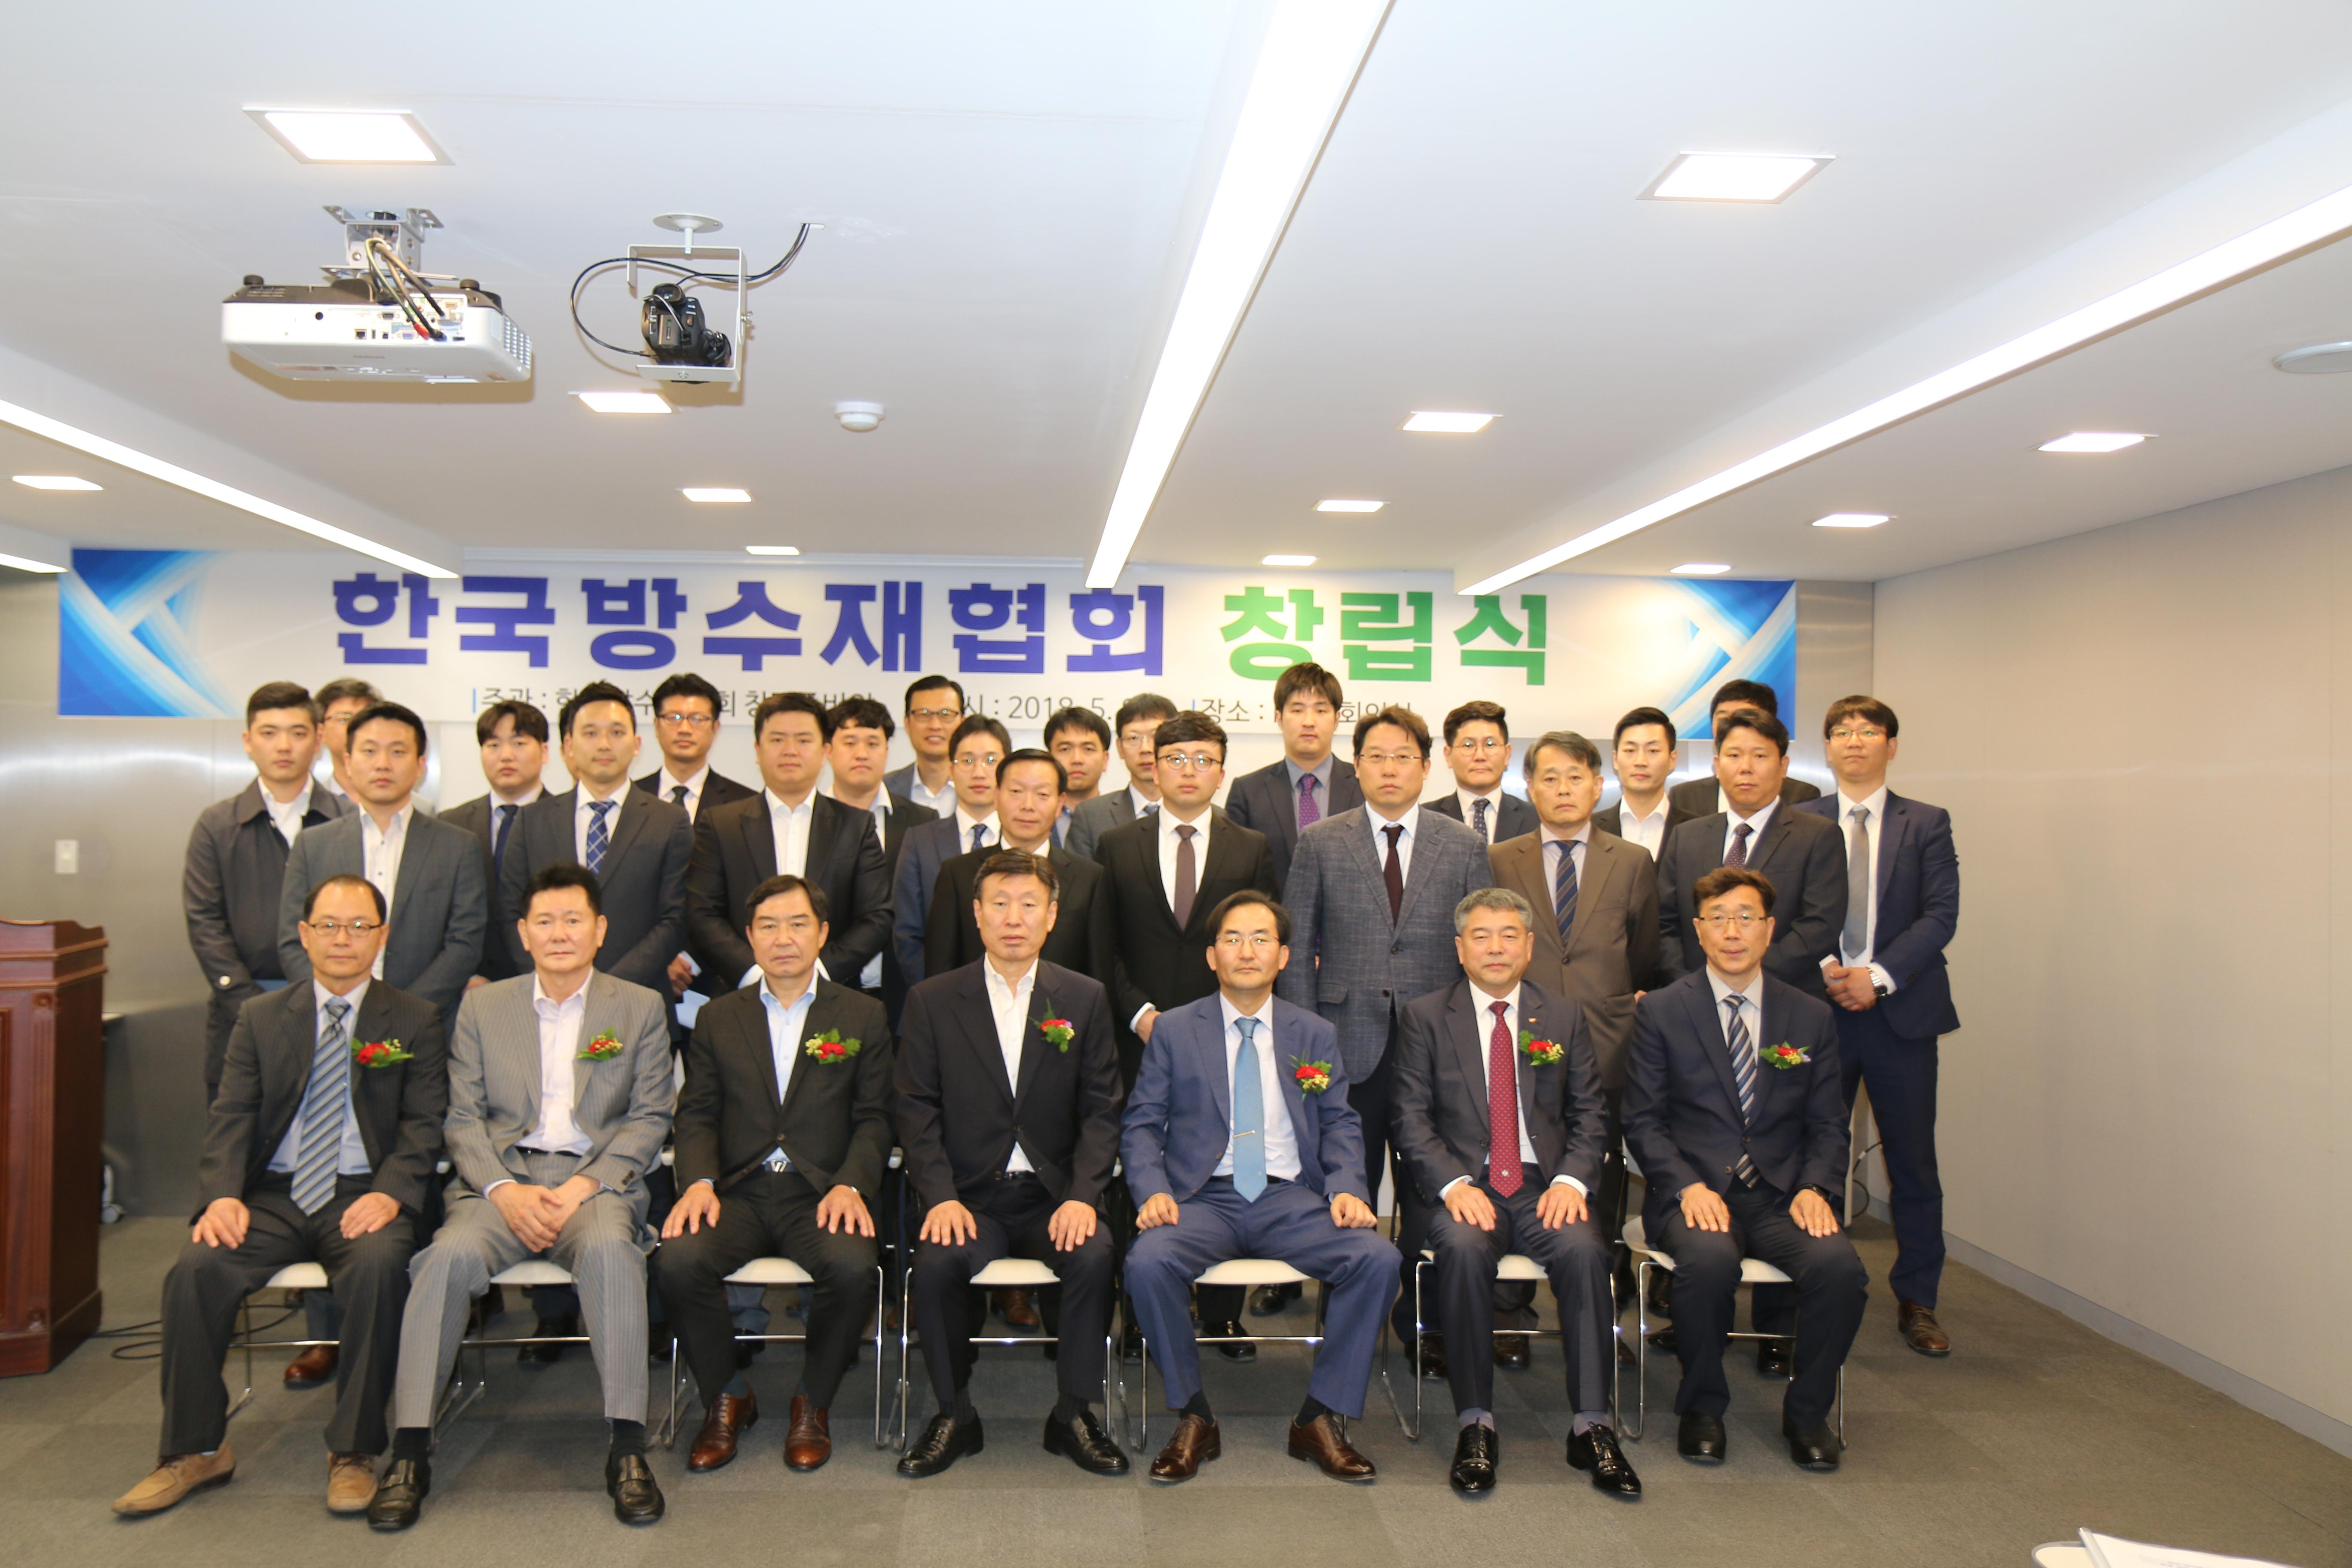 한국방수재협회 창립식 개최